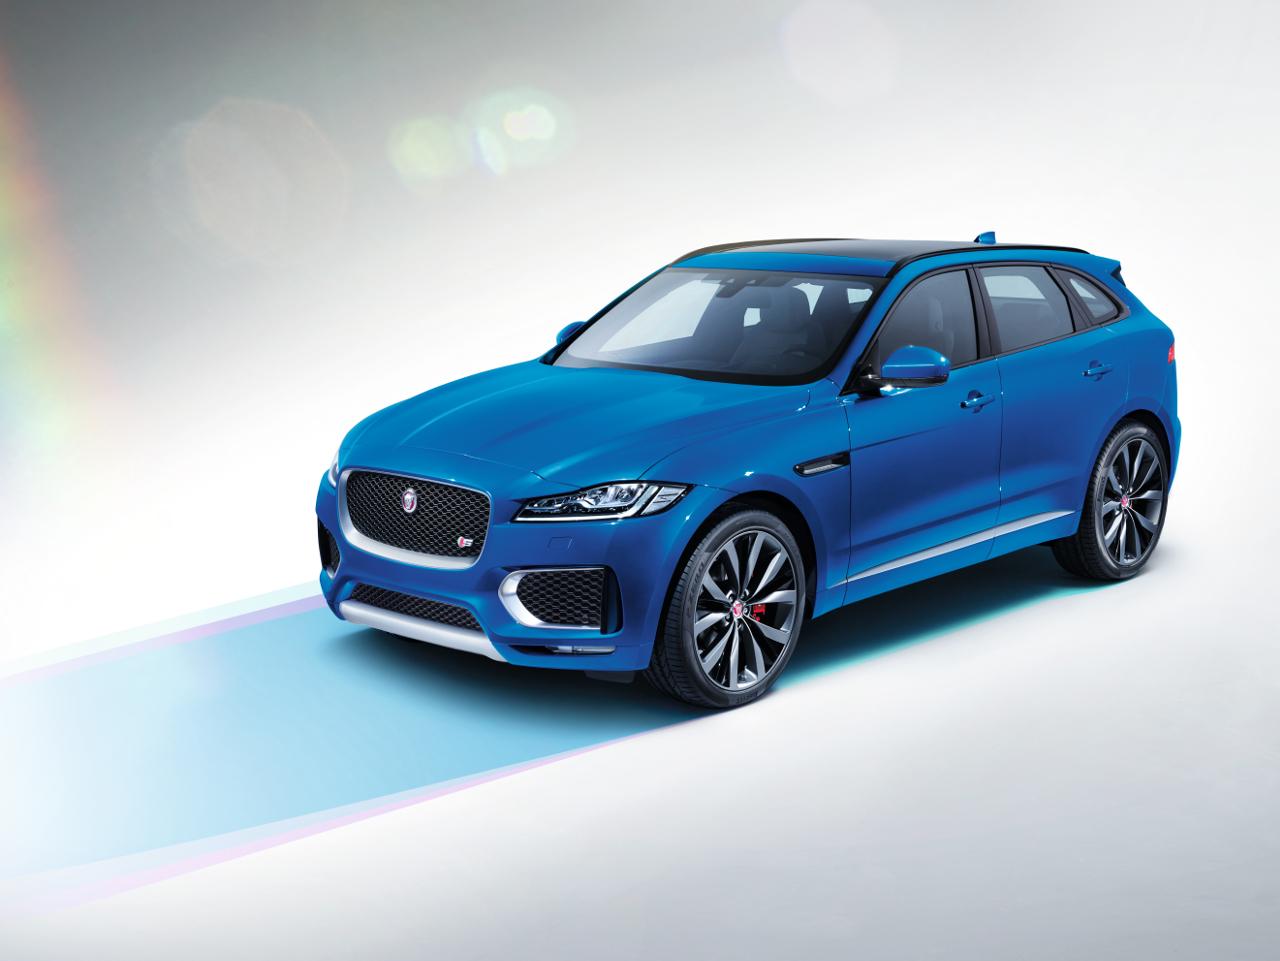 La nuova Jaguar F-PACE - image 021695-000202830 on https://motori.net